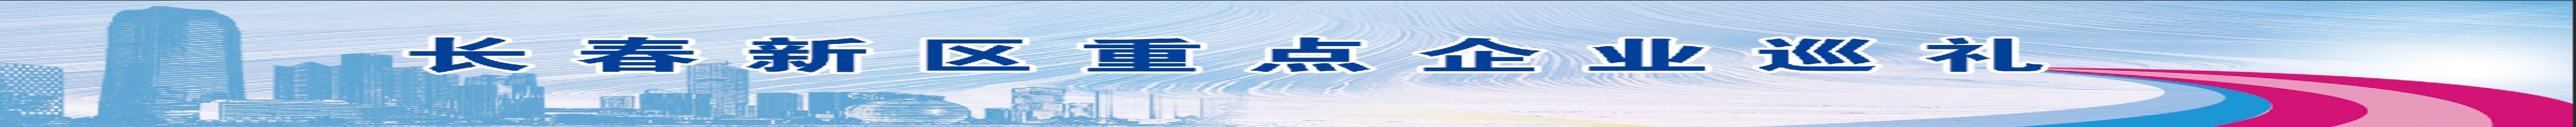 长春新区重点企业巡礼—— 长春恩福油封有限公司:专业优质 所以信赖